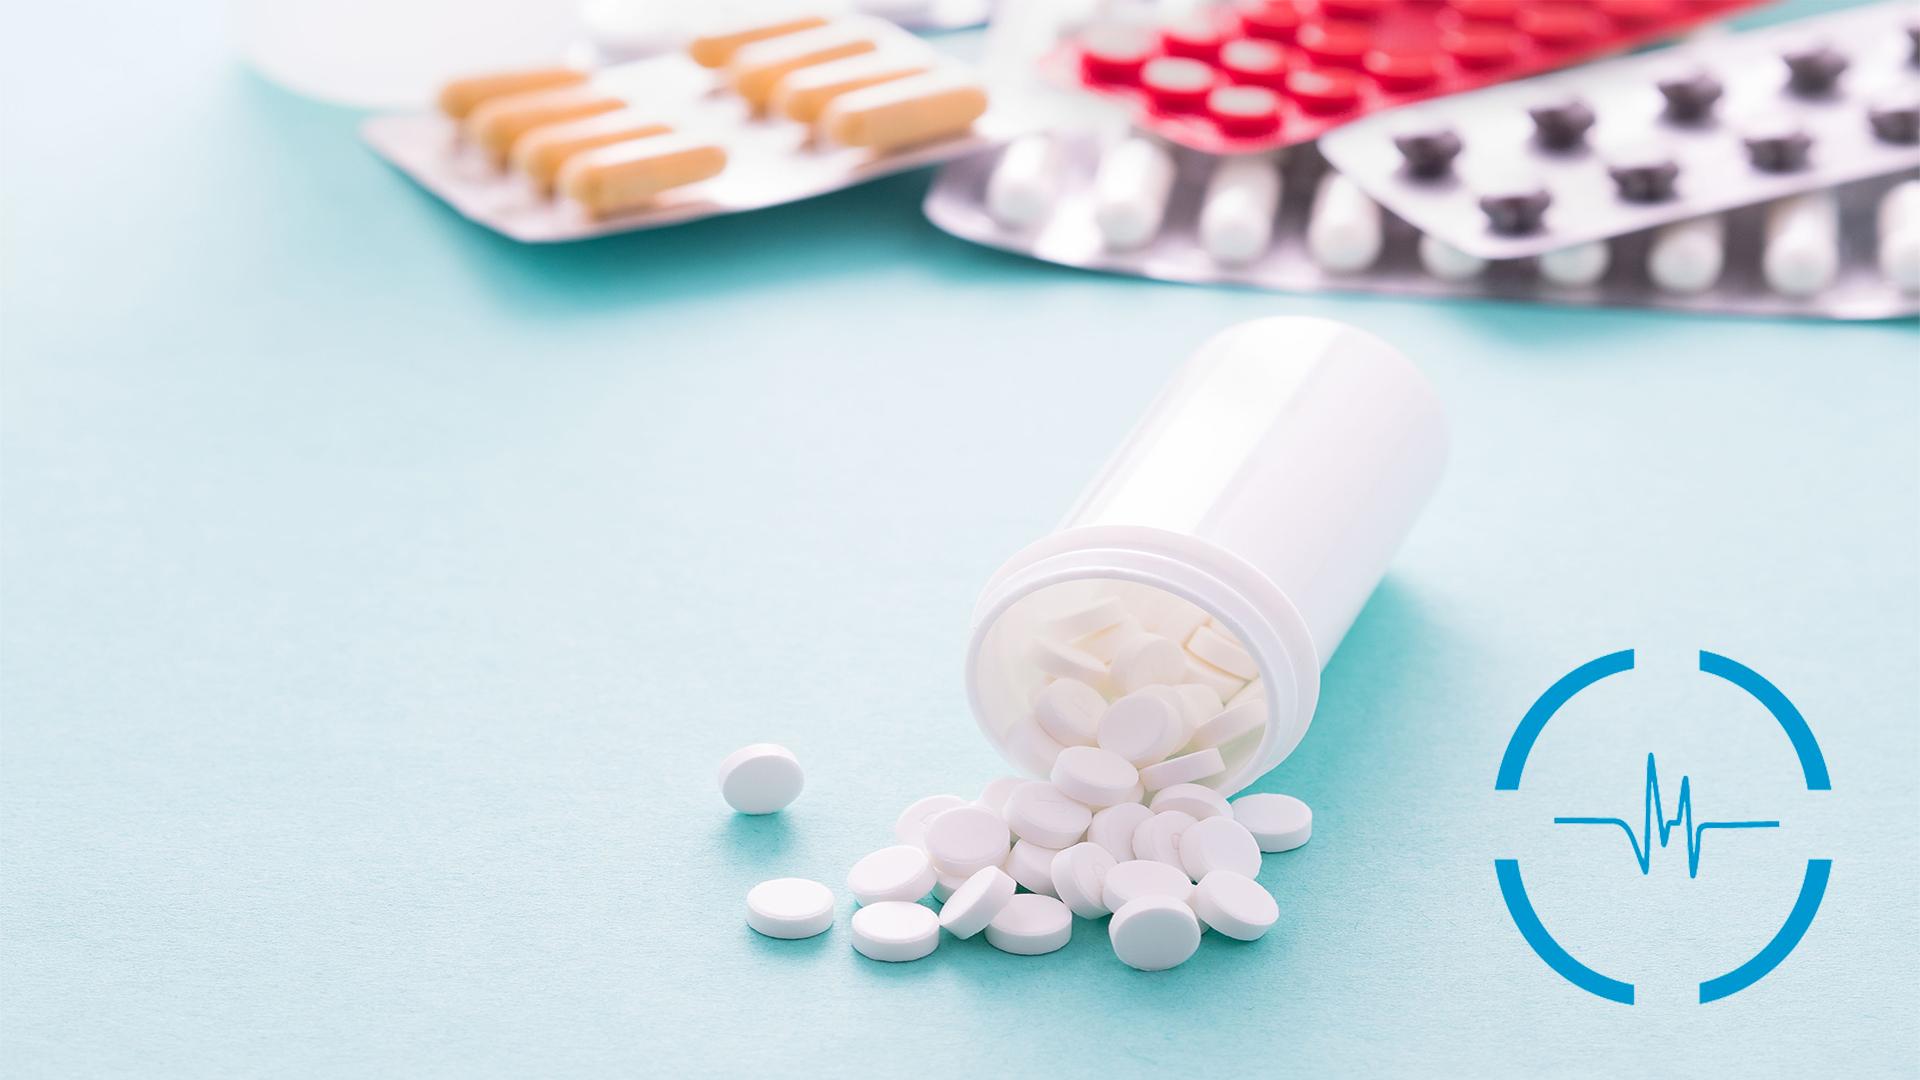 ¿Se pueden comprar medicamentos sin receta en España?